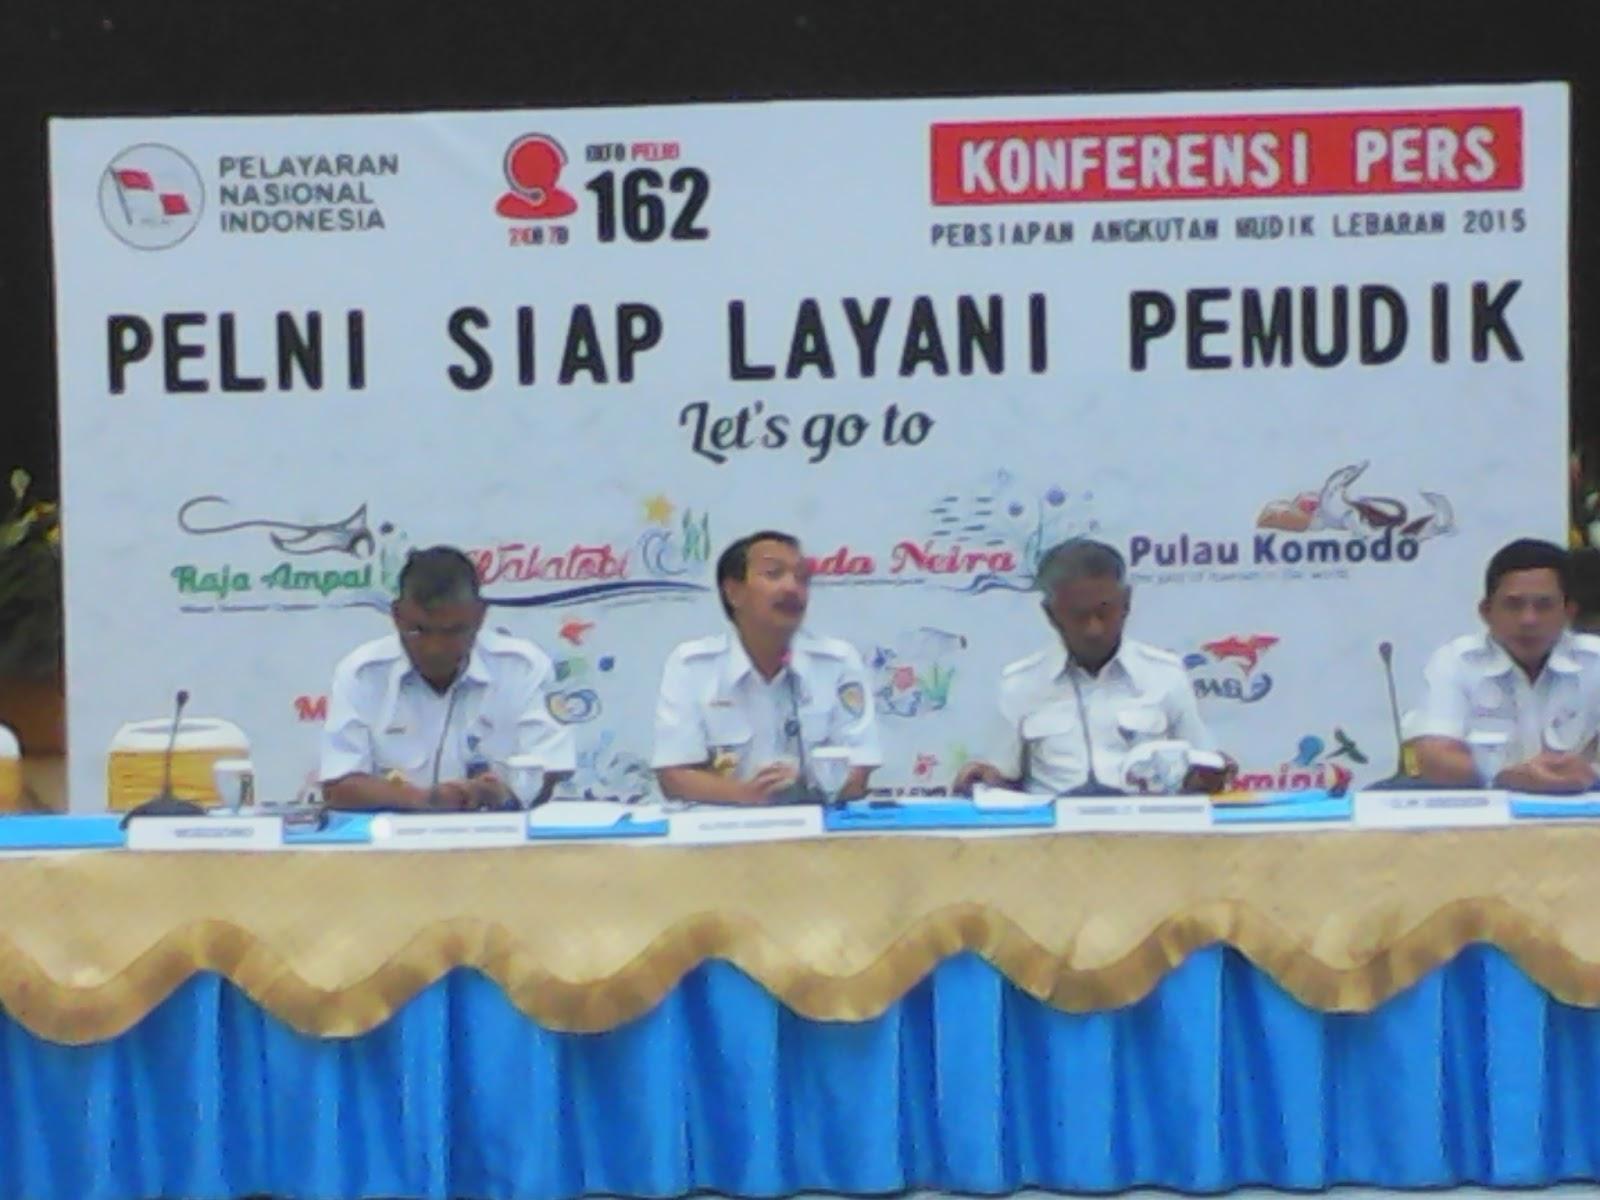 Tingkatkan Kepuasan Pemudik Kapal Pelni Tambah Fasilitas Jakarta